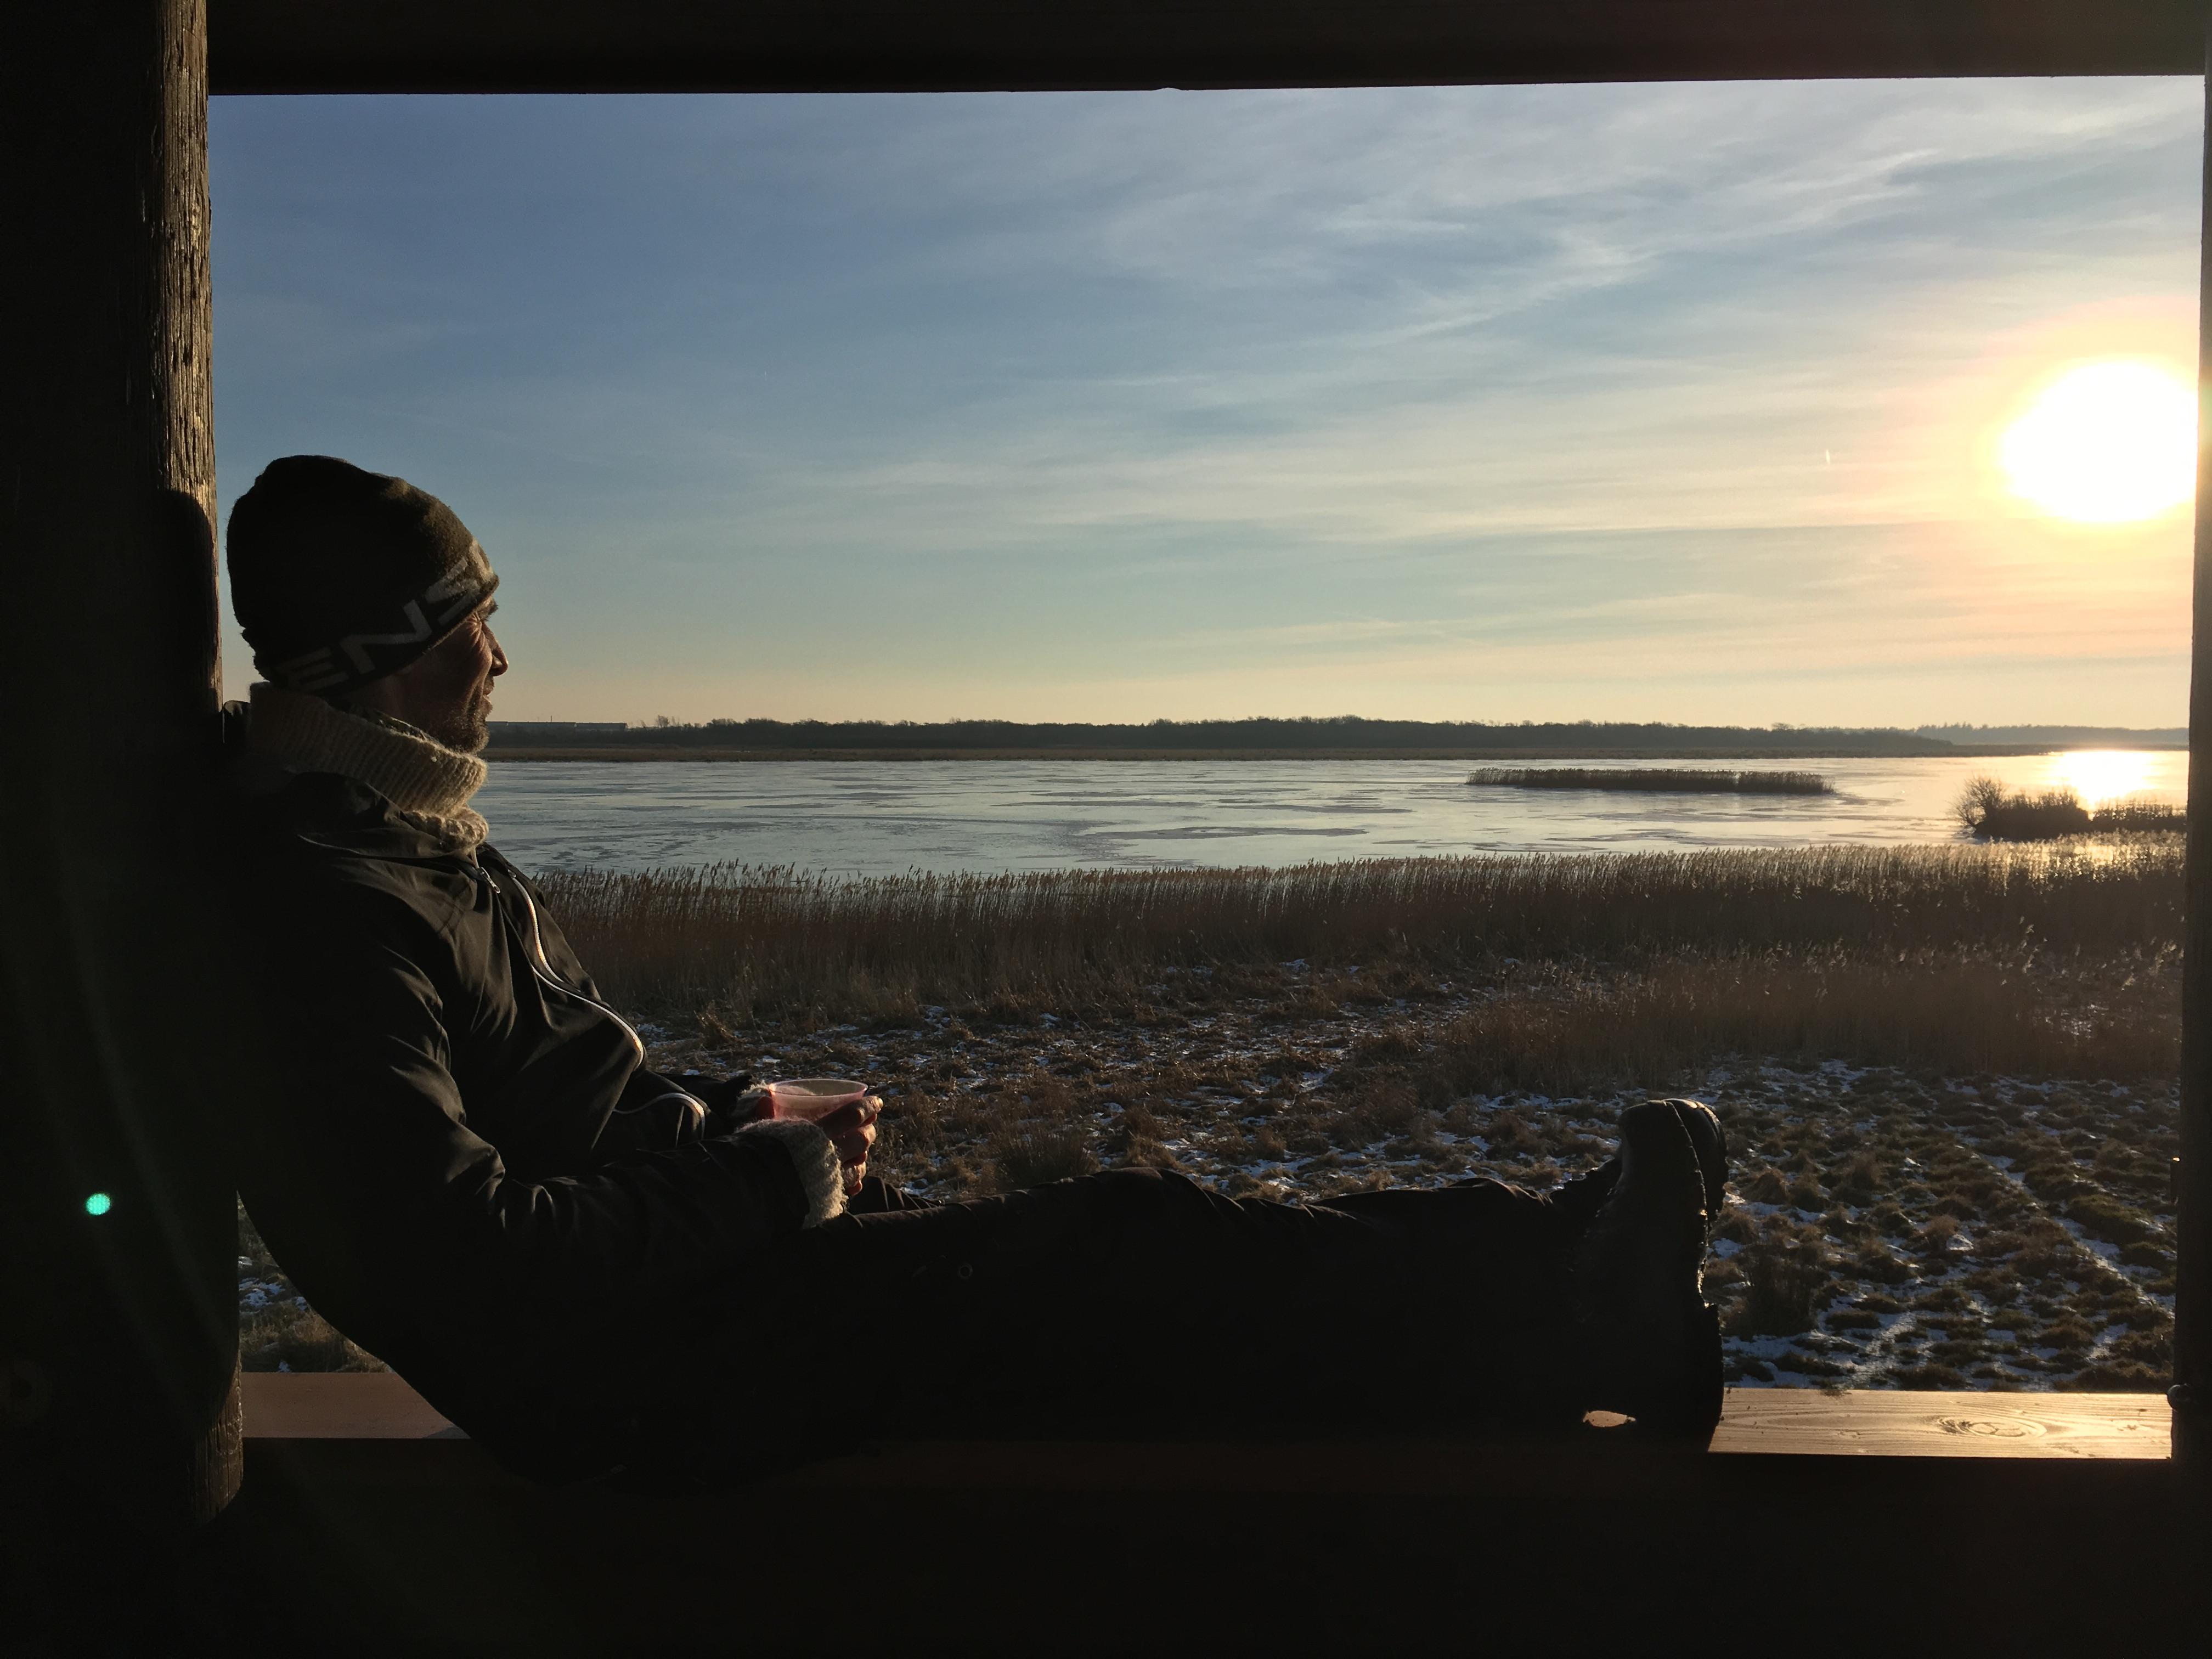 Fugletårnet ved Vilsted Sø inviterer til en pause med udsigt over landskabet.